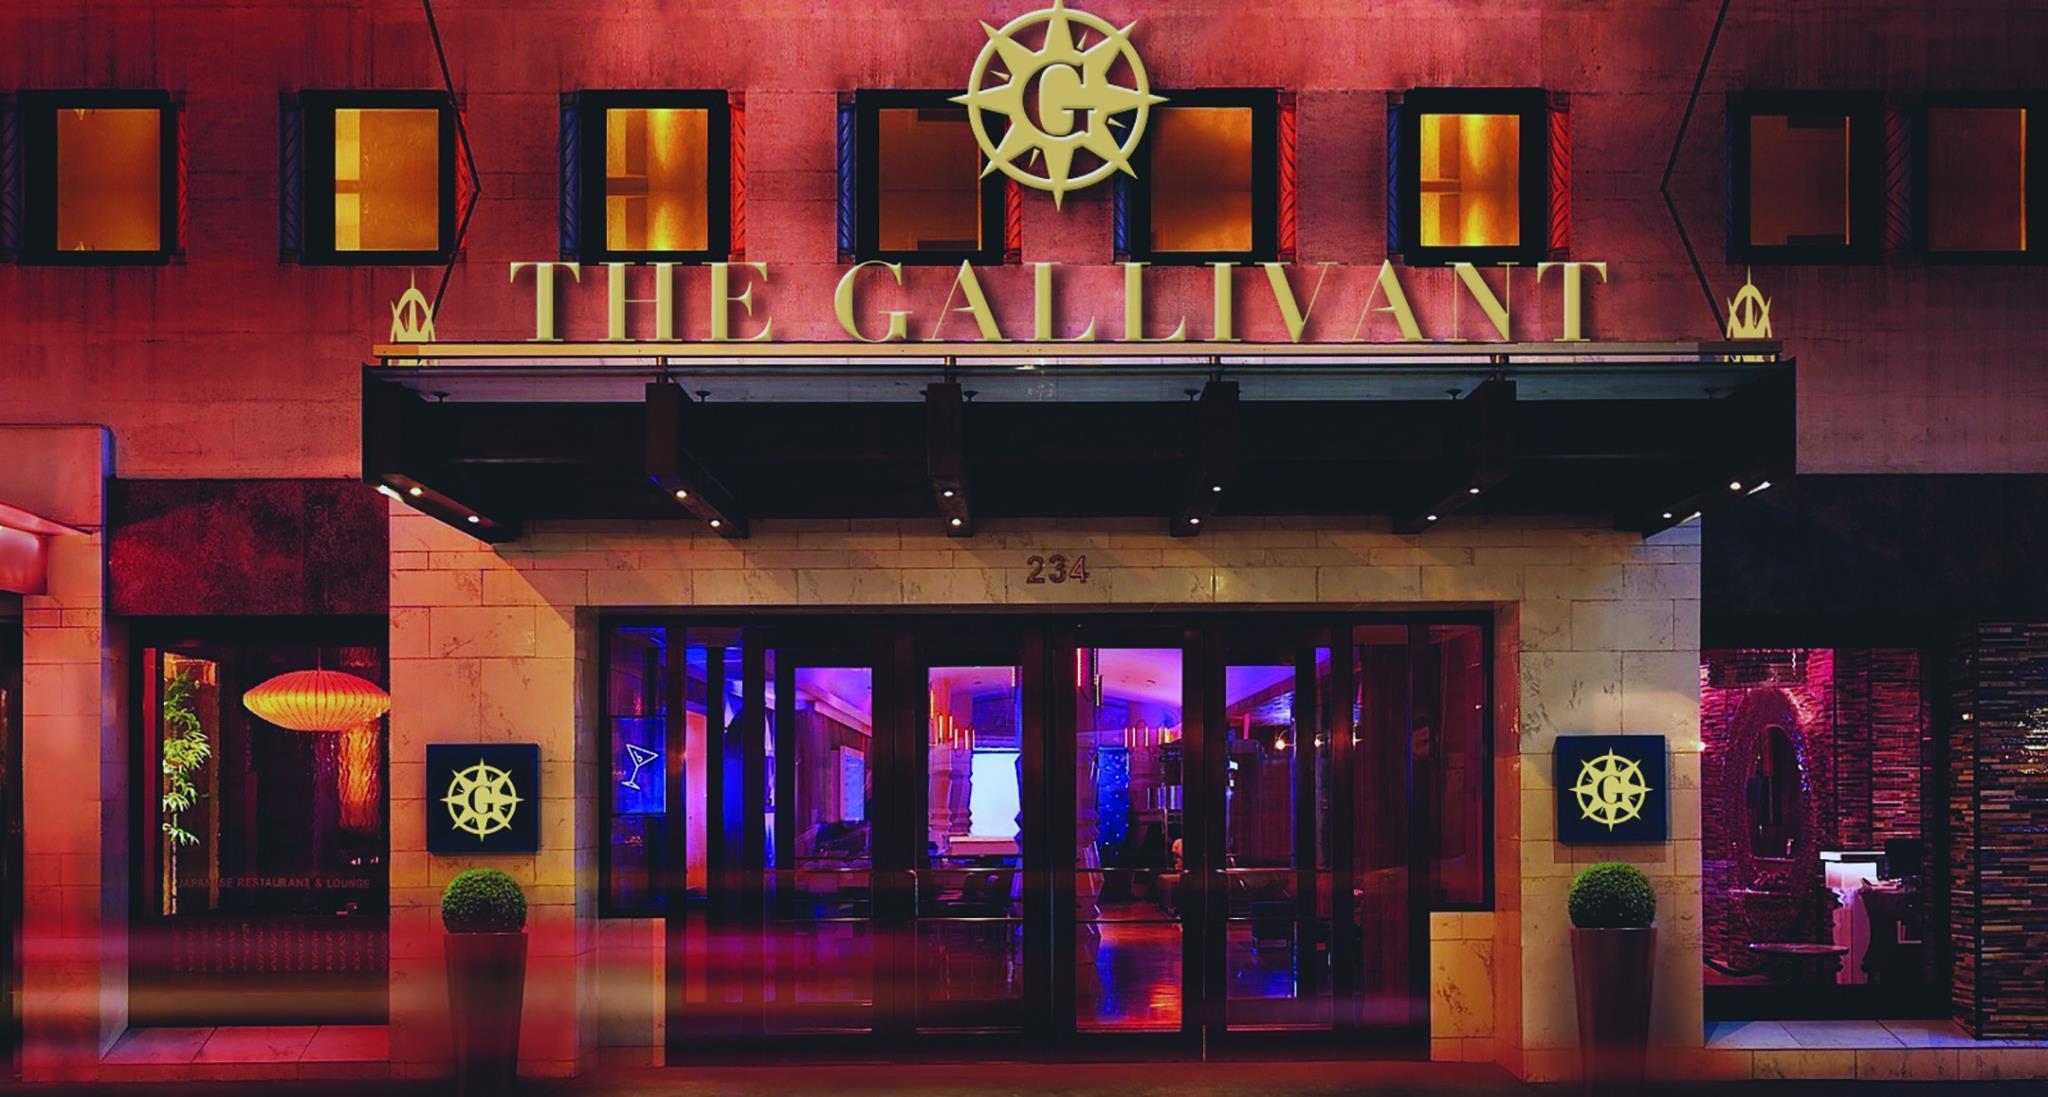 The Gallivant Times Square